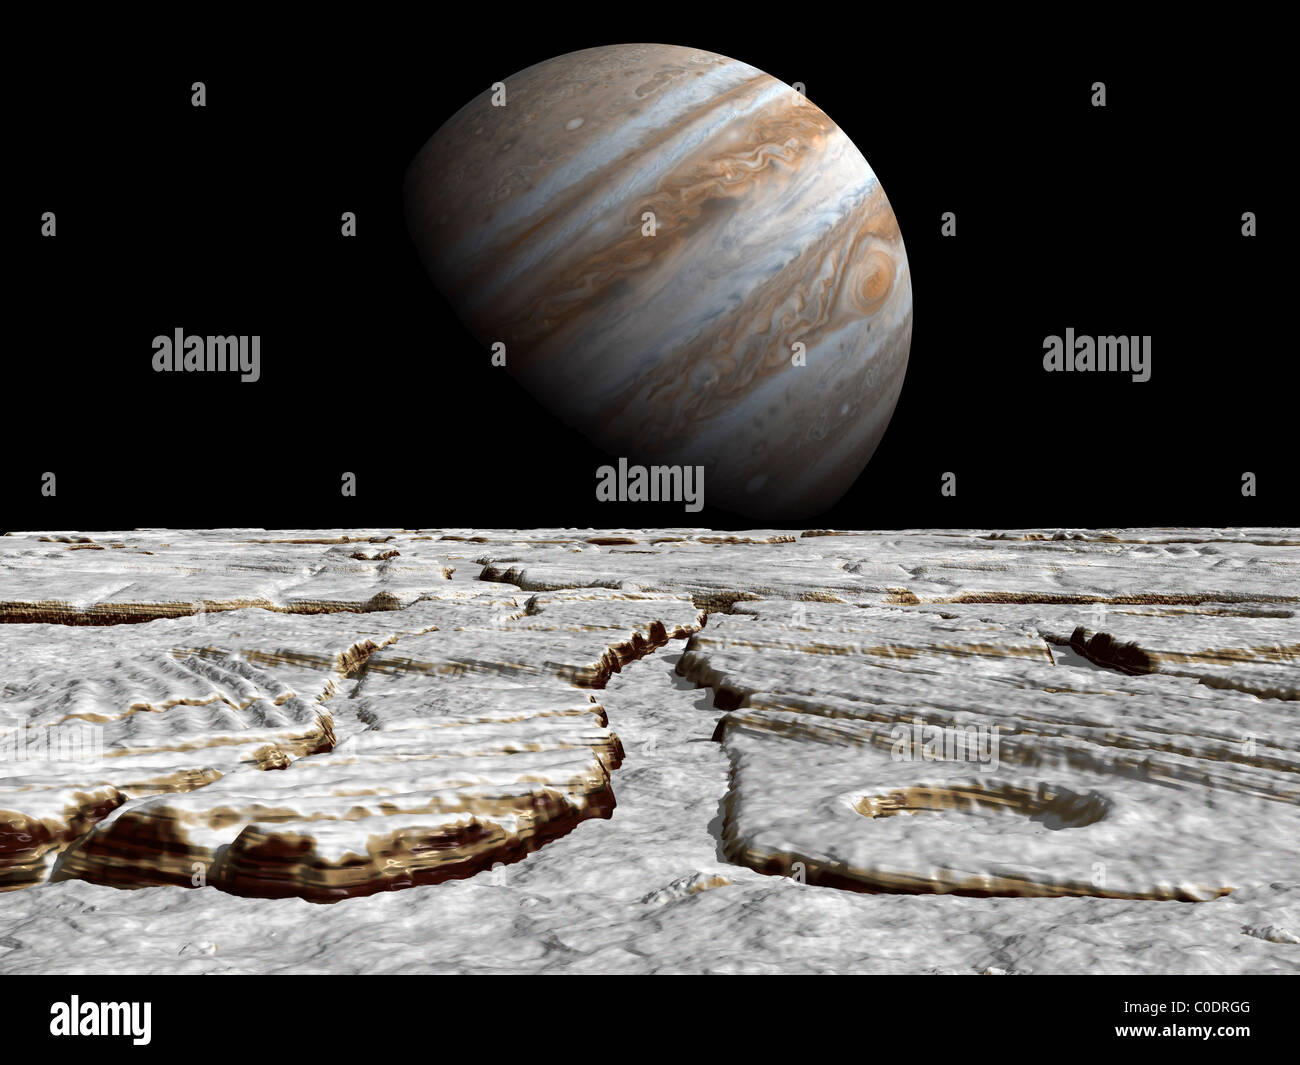 Concepto artístico de Júpiter como visto a través de la superficie de hielo de la luna Europa. Imagen De Stock